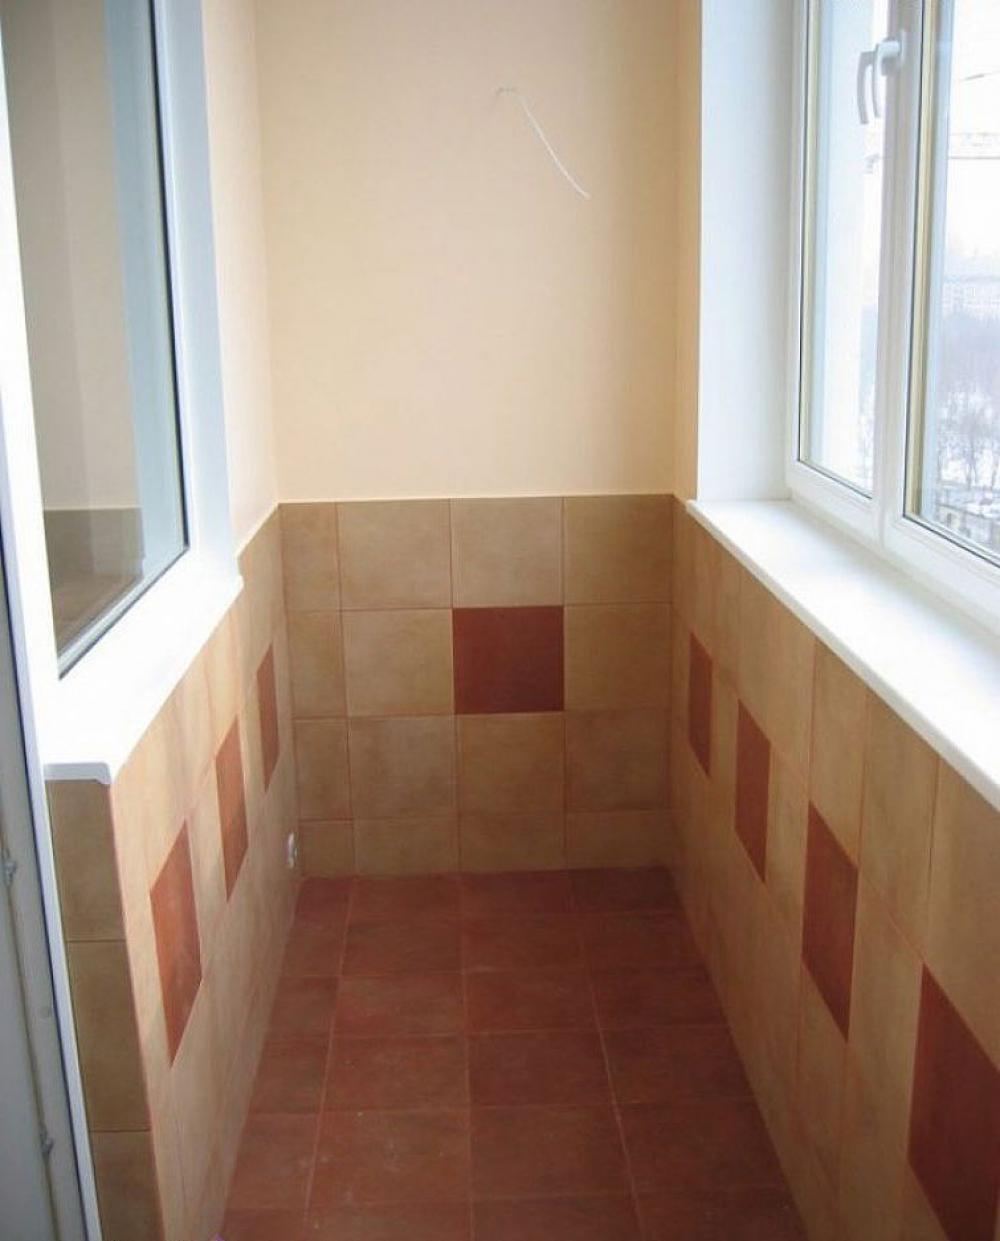 Примеры отделки балконов и лоджий плиткой и камнем.